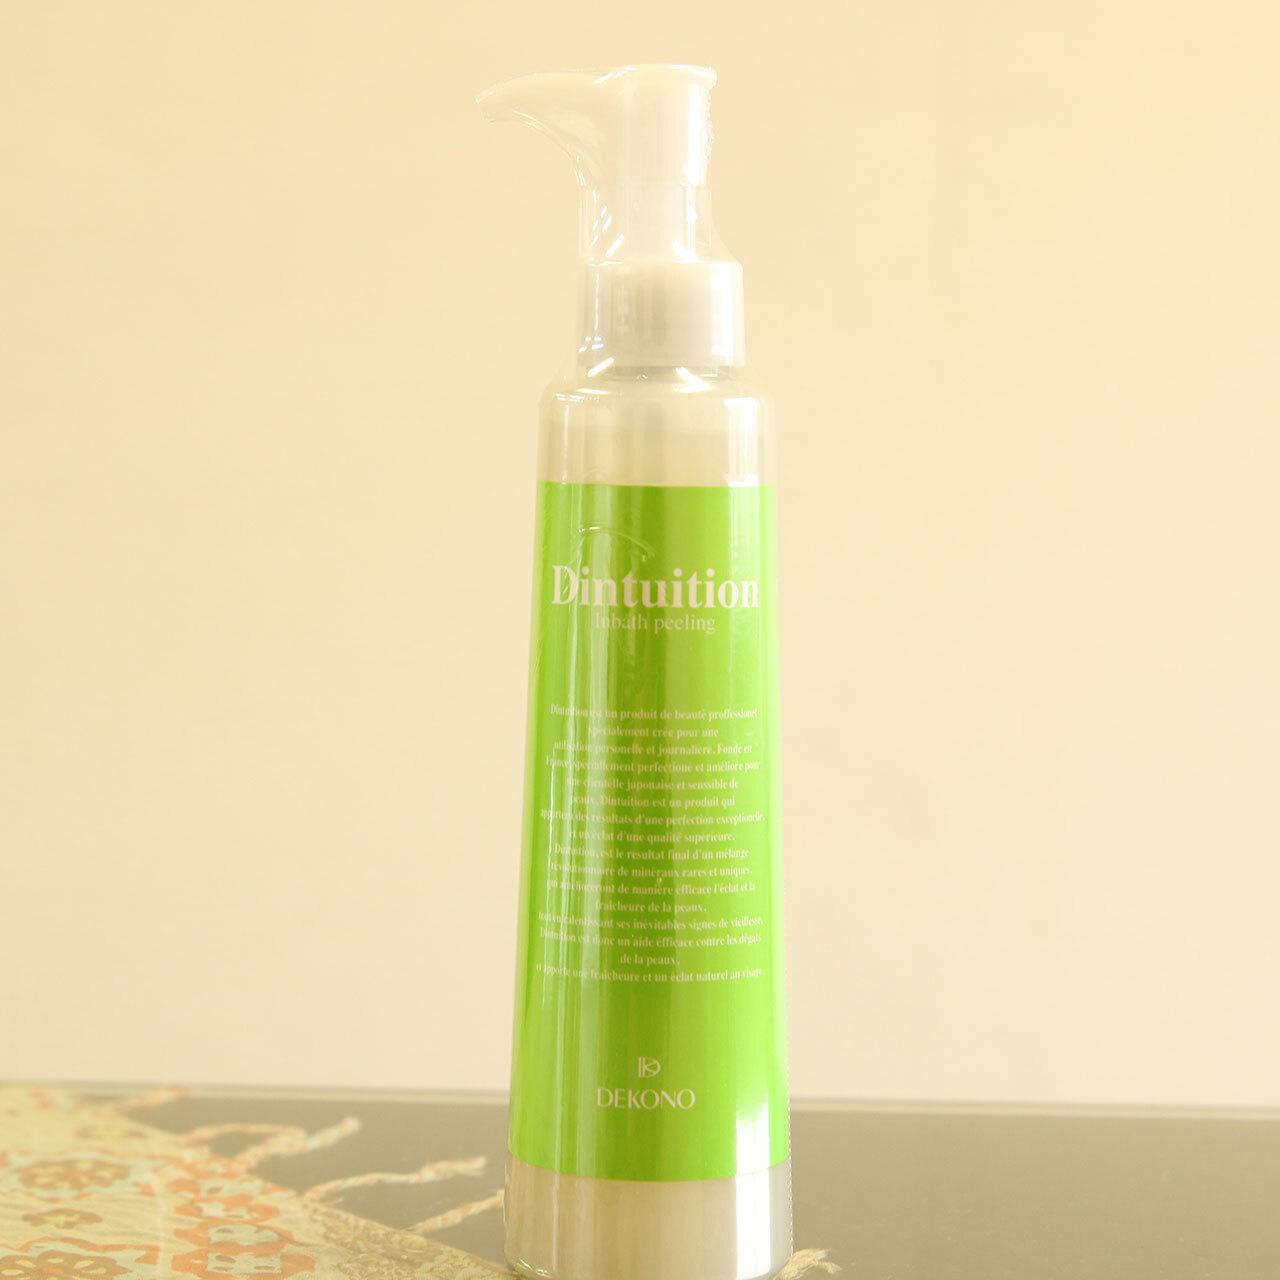 ピーリング 天然精油の香り 全身使えるピーリングジェル スキンケア DEKONO ディインテュイション インバス ピーリング 200ml